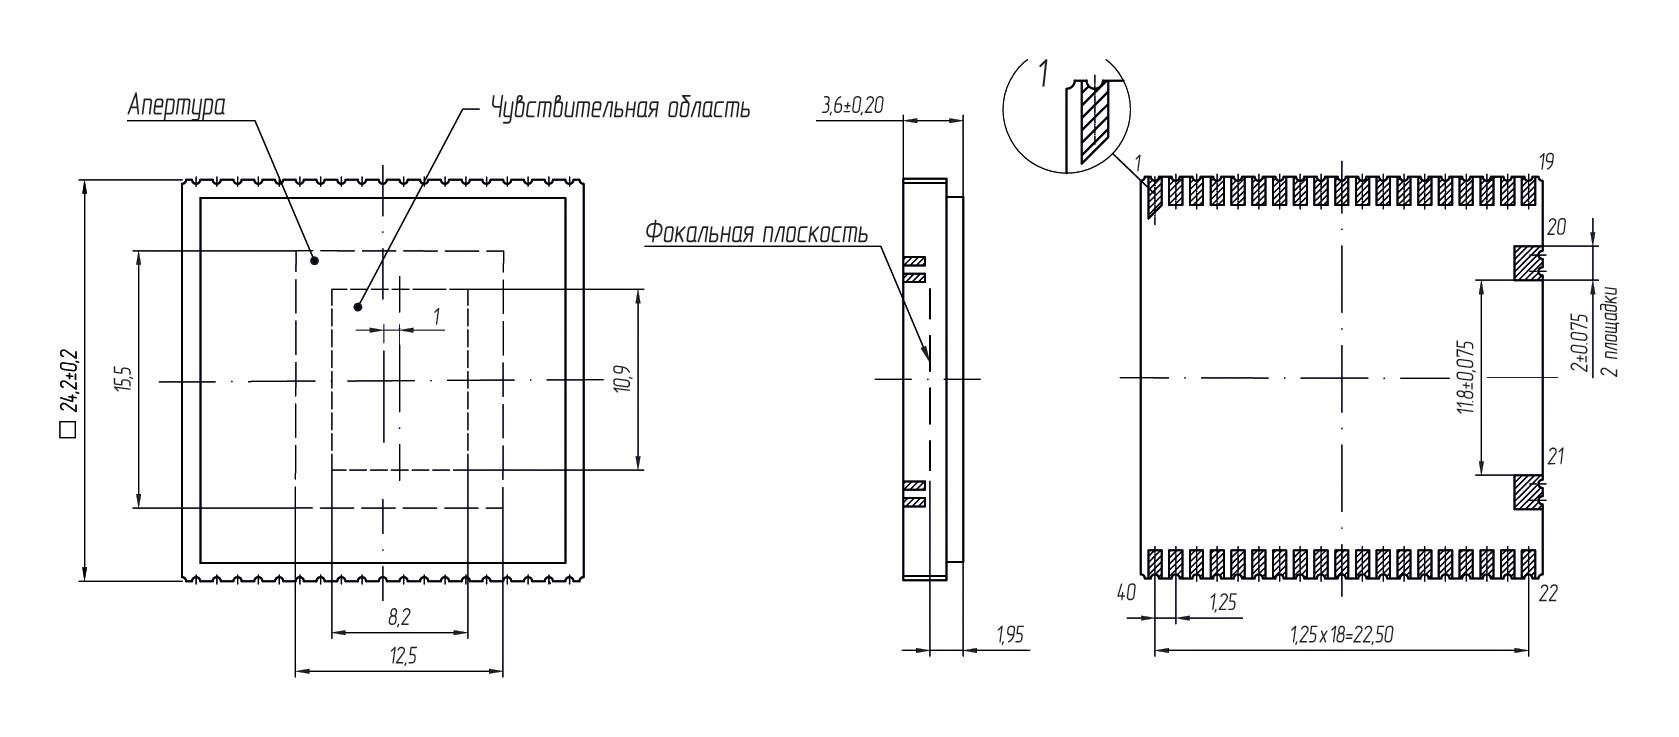 Габаритные чертежи и размеры АСТРОН-38417